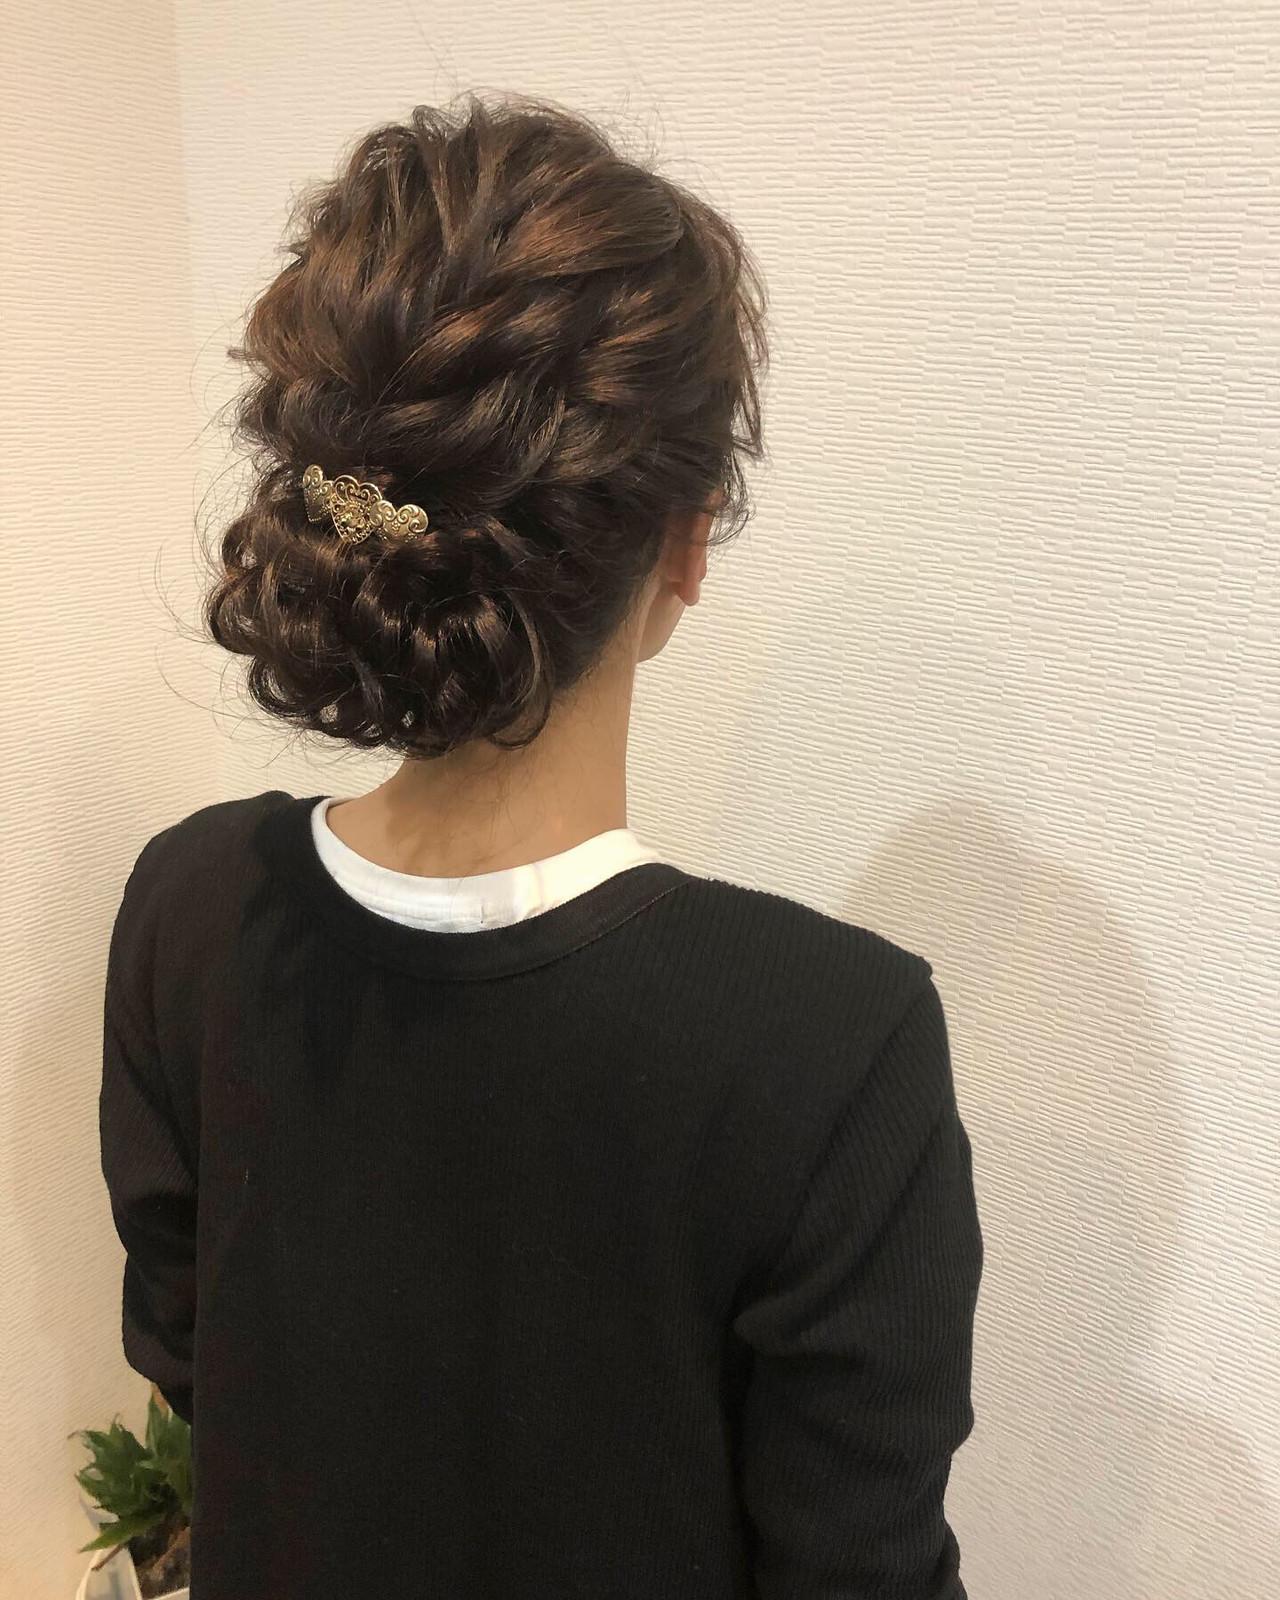 ヘアセット ねじり アップ セミロング ヘアスタイルや髪型の写真・画像 | mai / HAIR SALON STELLA